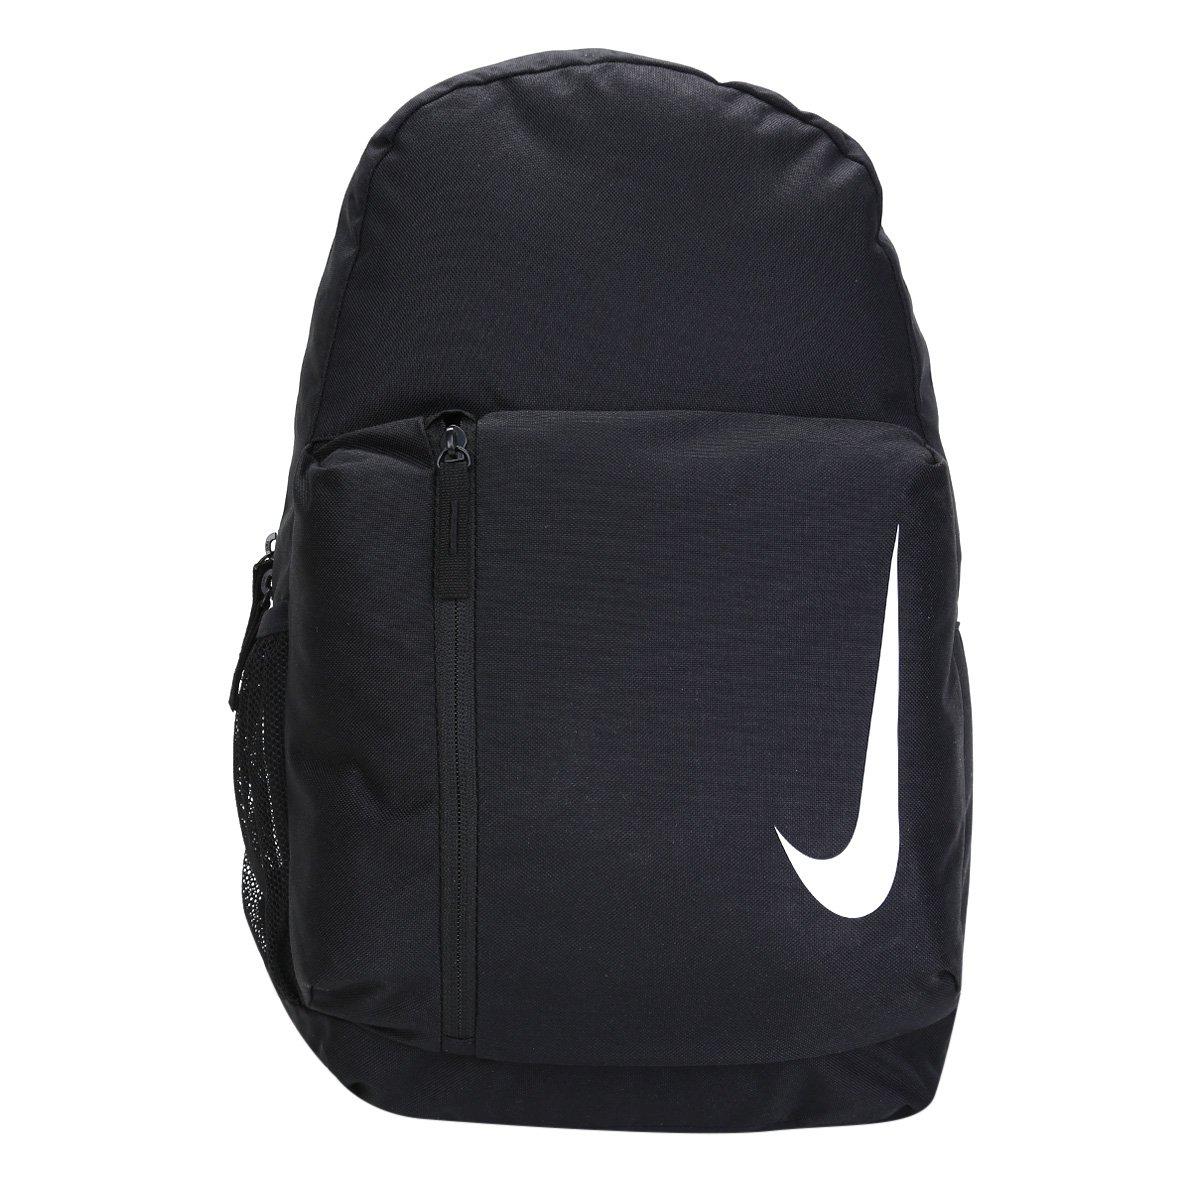 Mochila Nike Brasilia Academy Team - 22 Litros